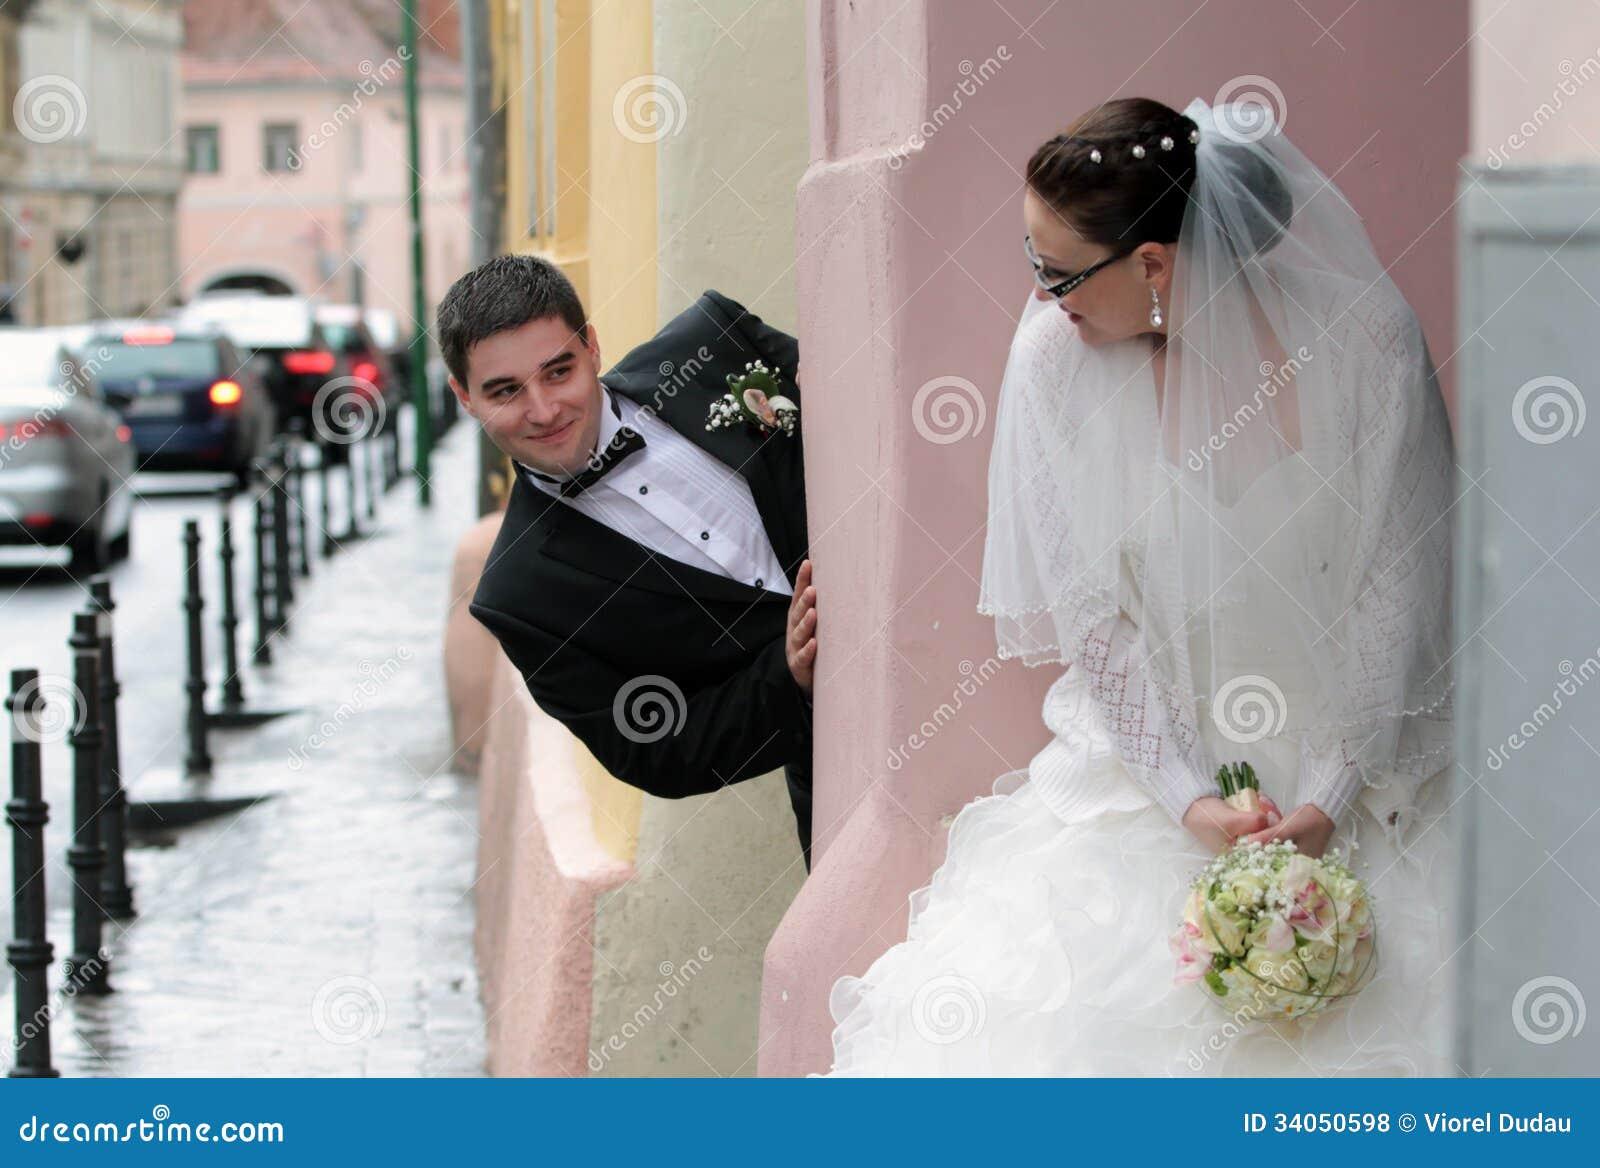 玩捉迷藏的新娘和新郎